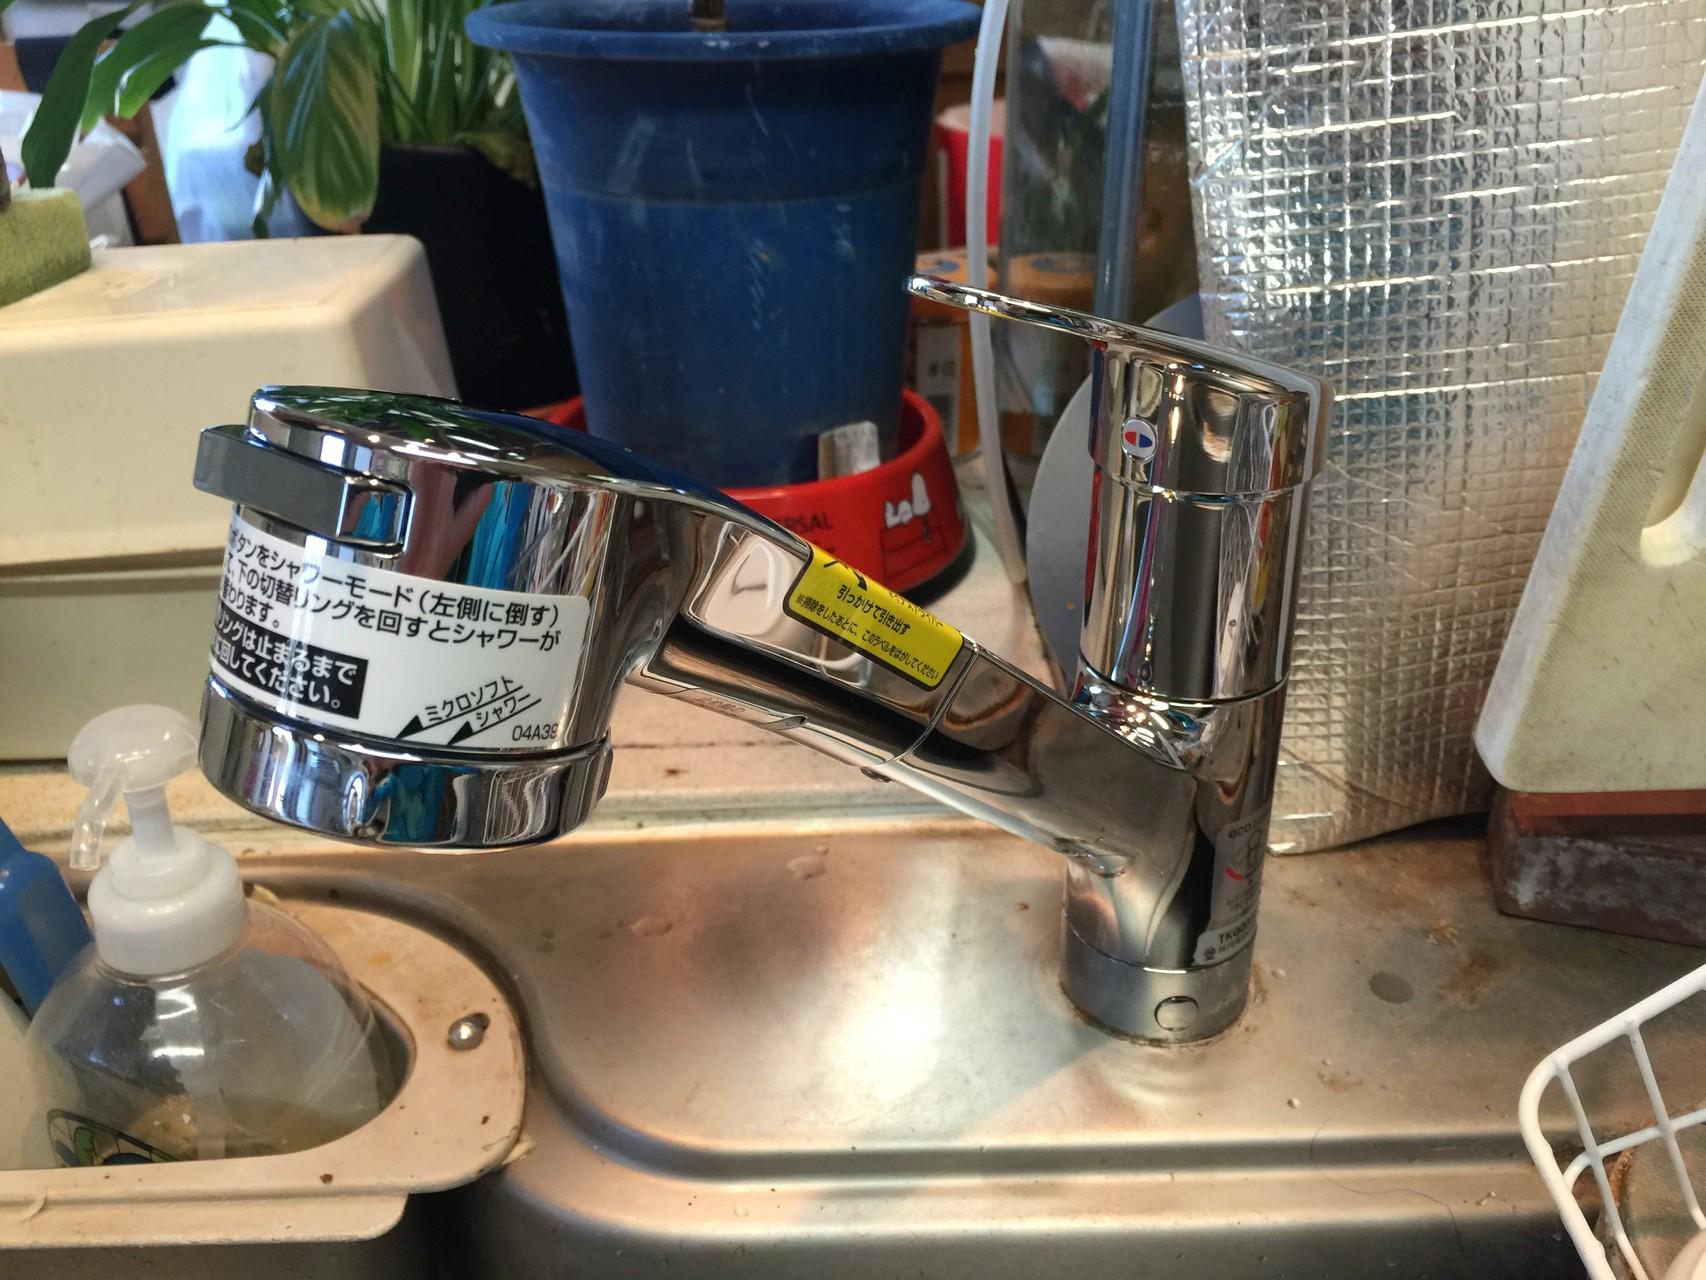 キッチン用水栓 TOTO TKGG32EBです。もちろんホースも伸びます。